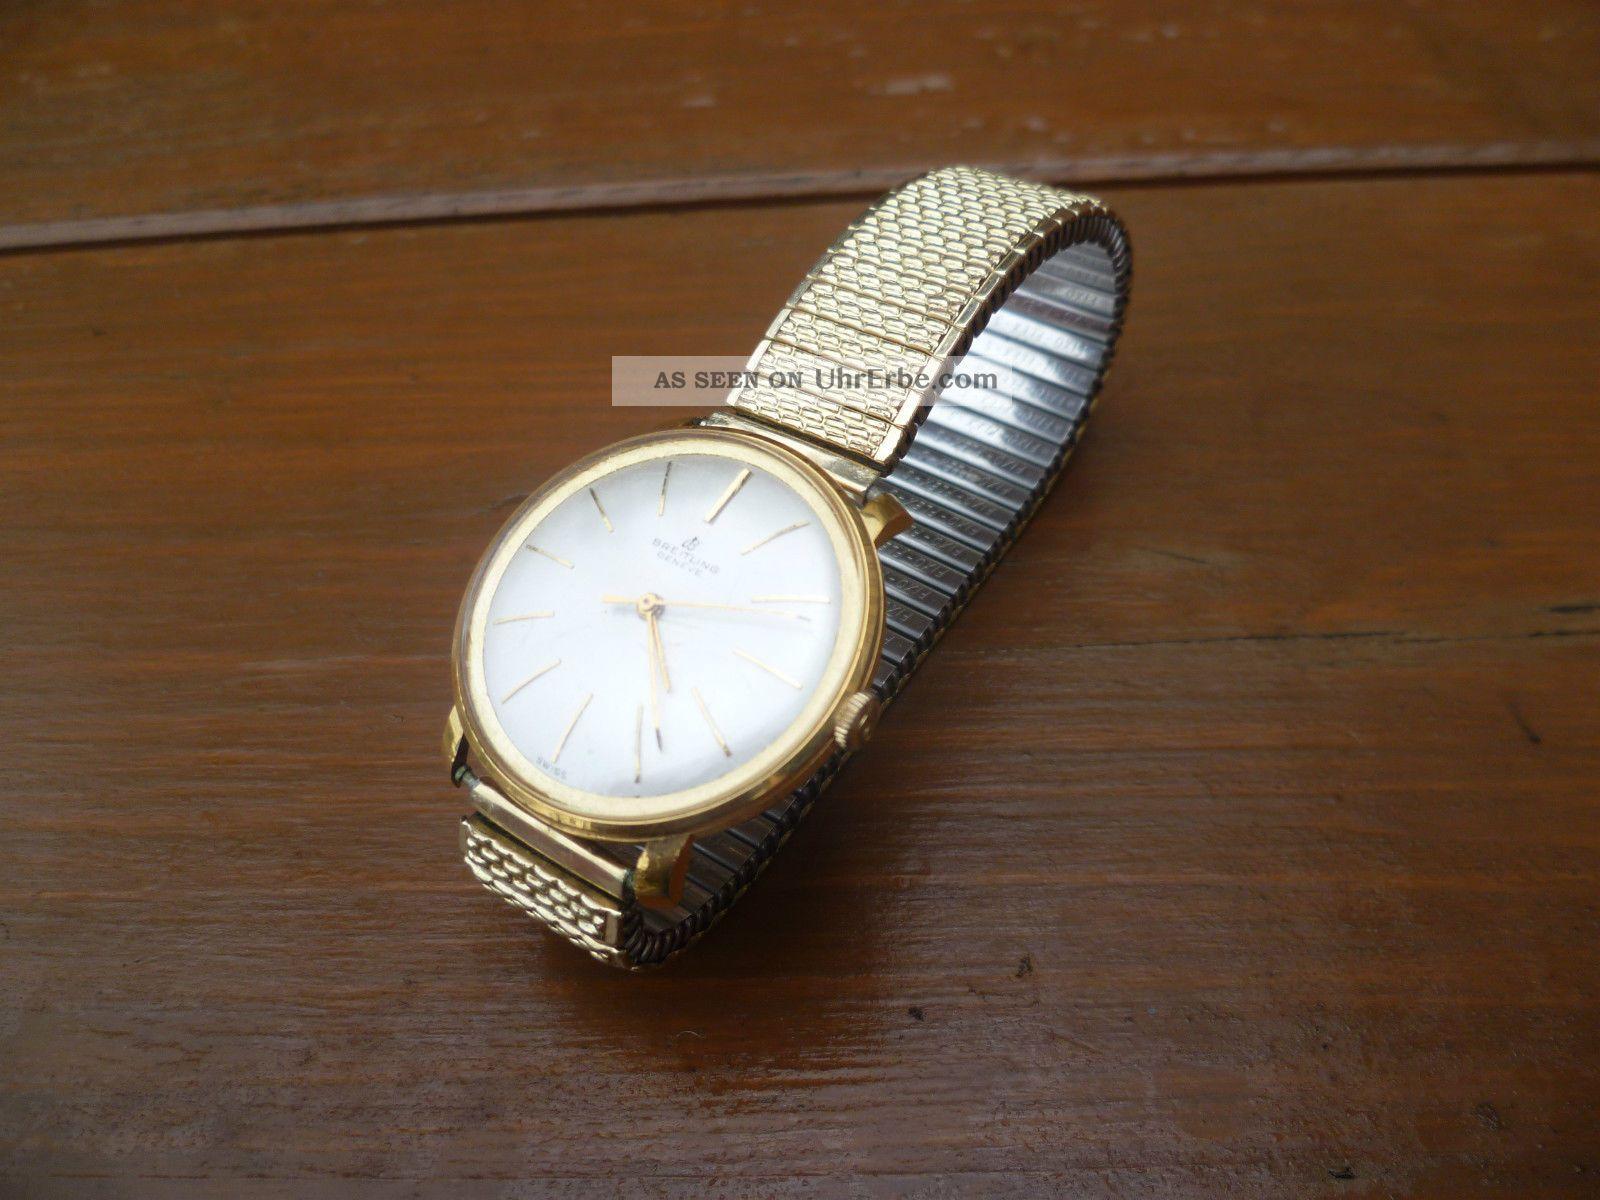 Breitling Uhr 60 Jahre Garantiert Echt Siehe Herkunft Armbanduhren Bild